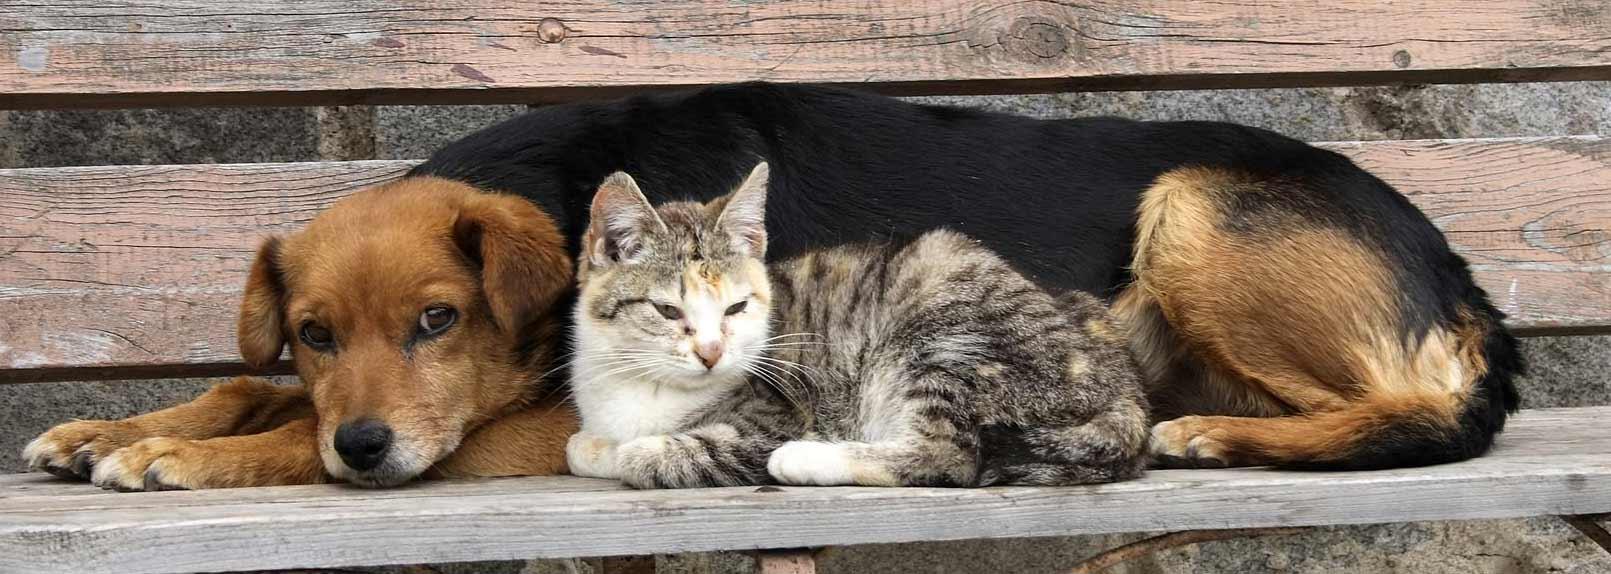 Бездомные кошки и собаки Алматы - кто их защитит?